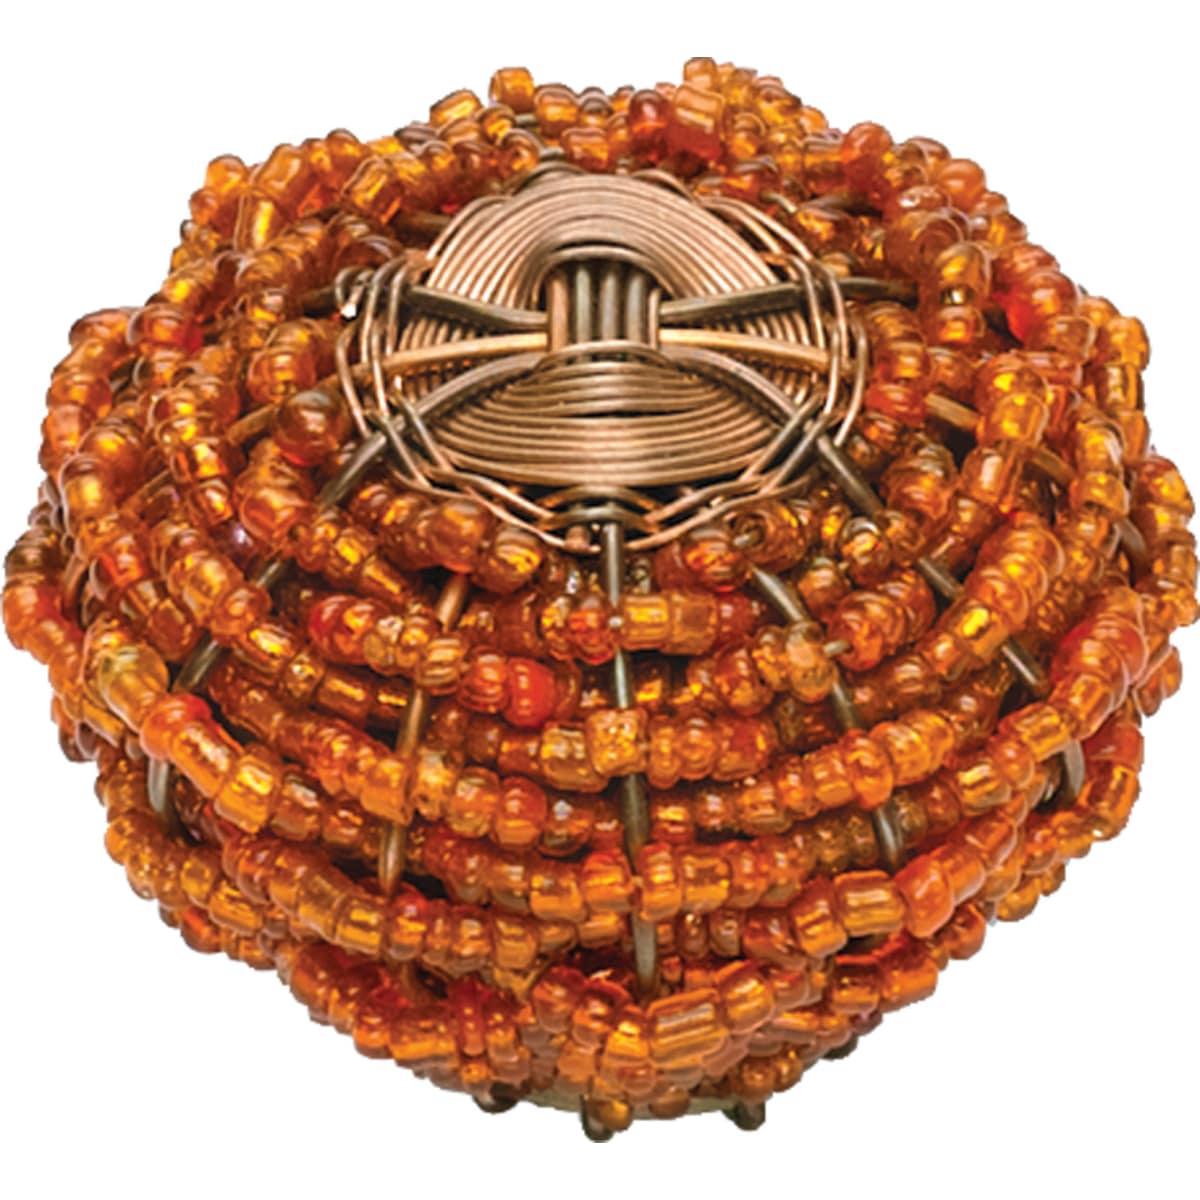 Atlas Bollywood 2 Inch Diameter Mushroom Cabinet Knob